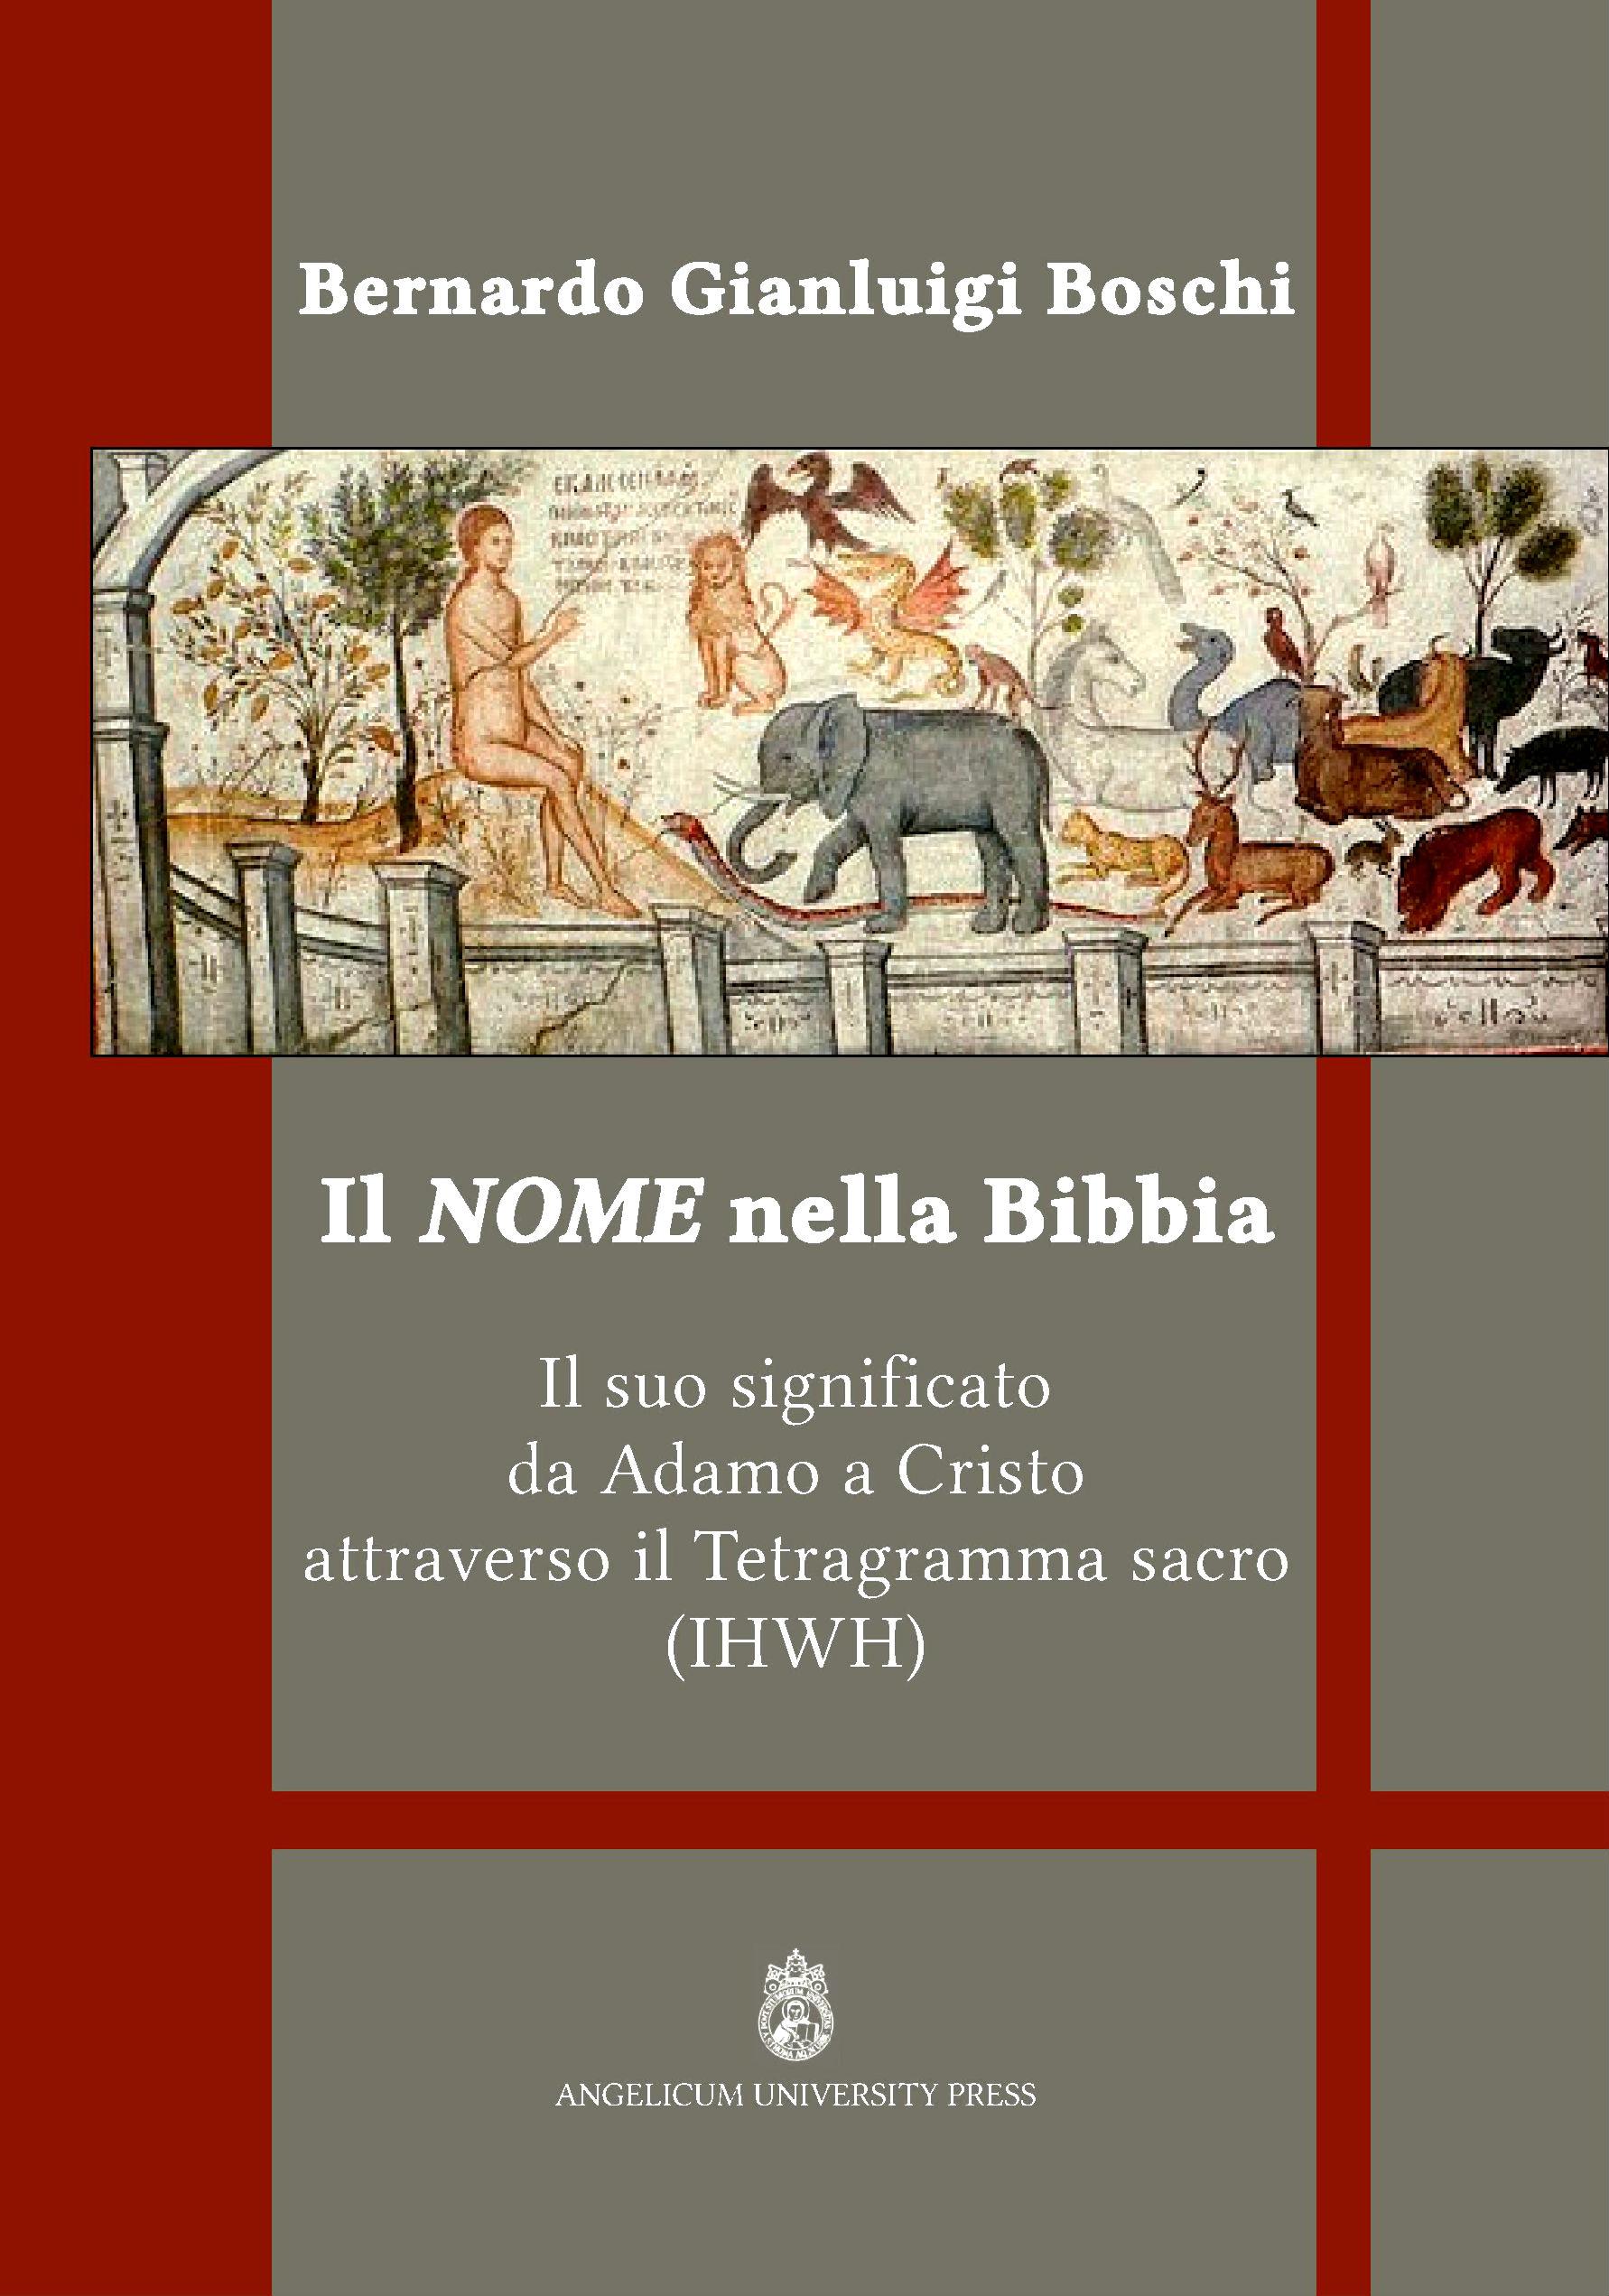 Il Nome nella Bibbia. Il suo significato da Adamo a Cristo attraverso il Tetragramma sacro (IHWH) book cover